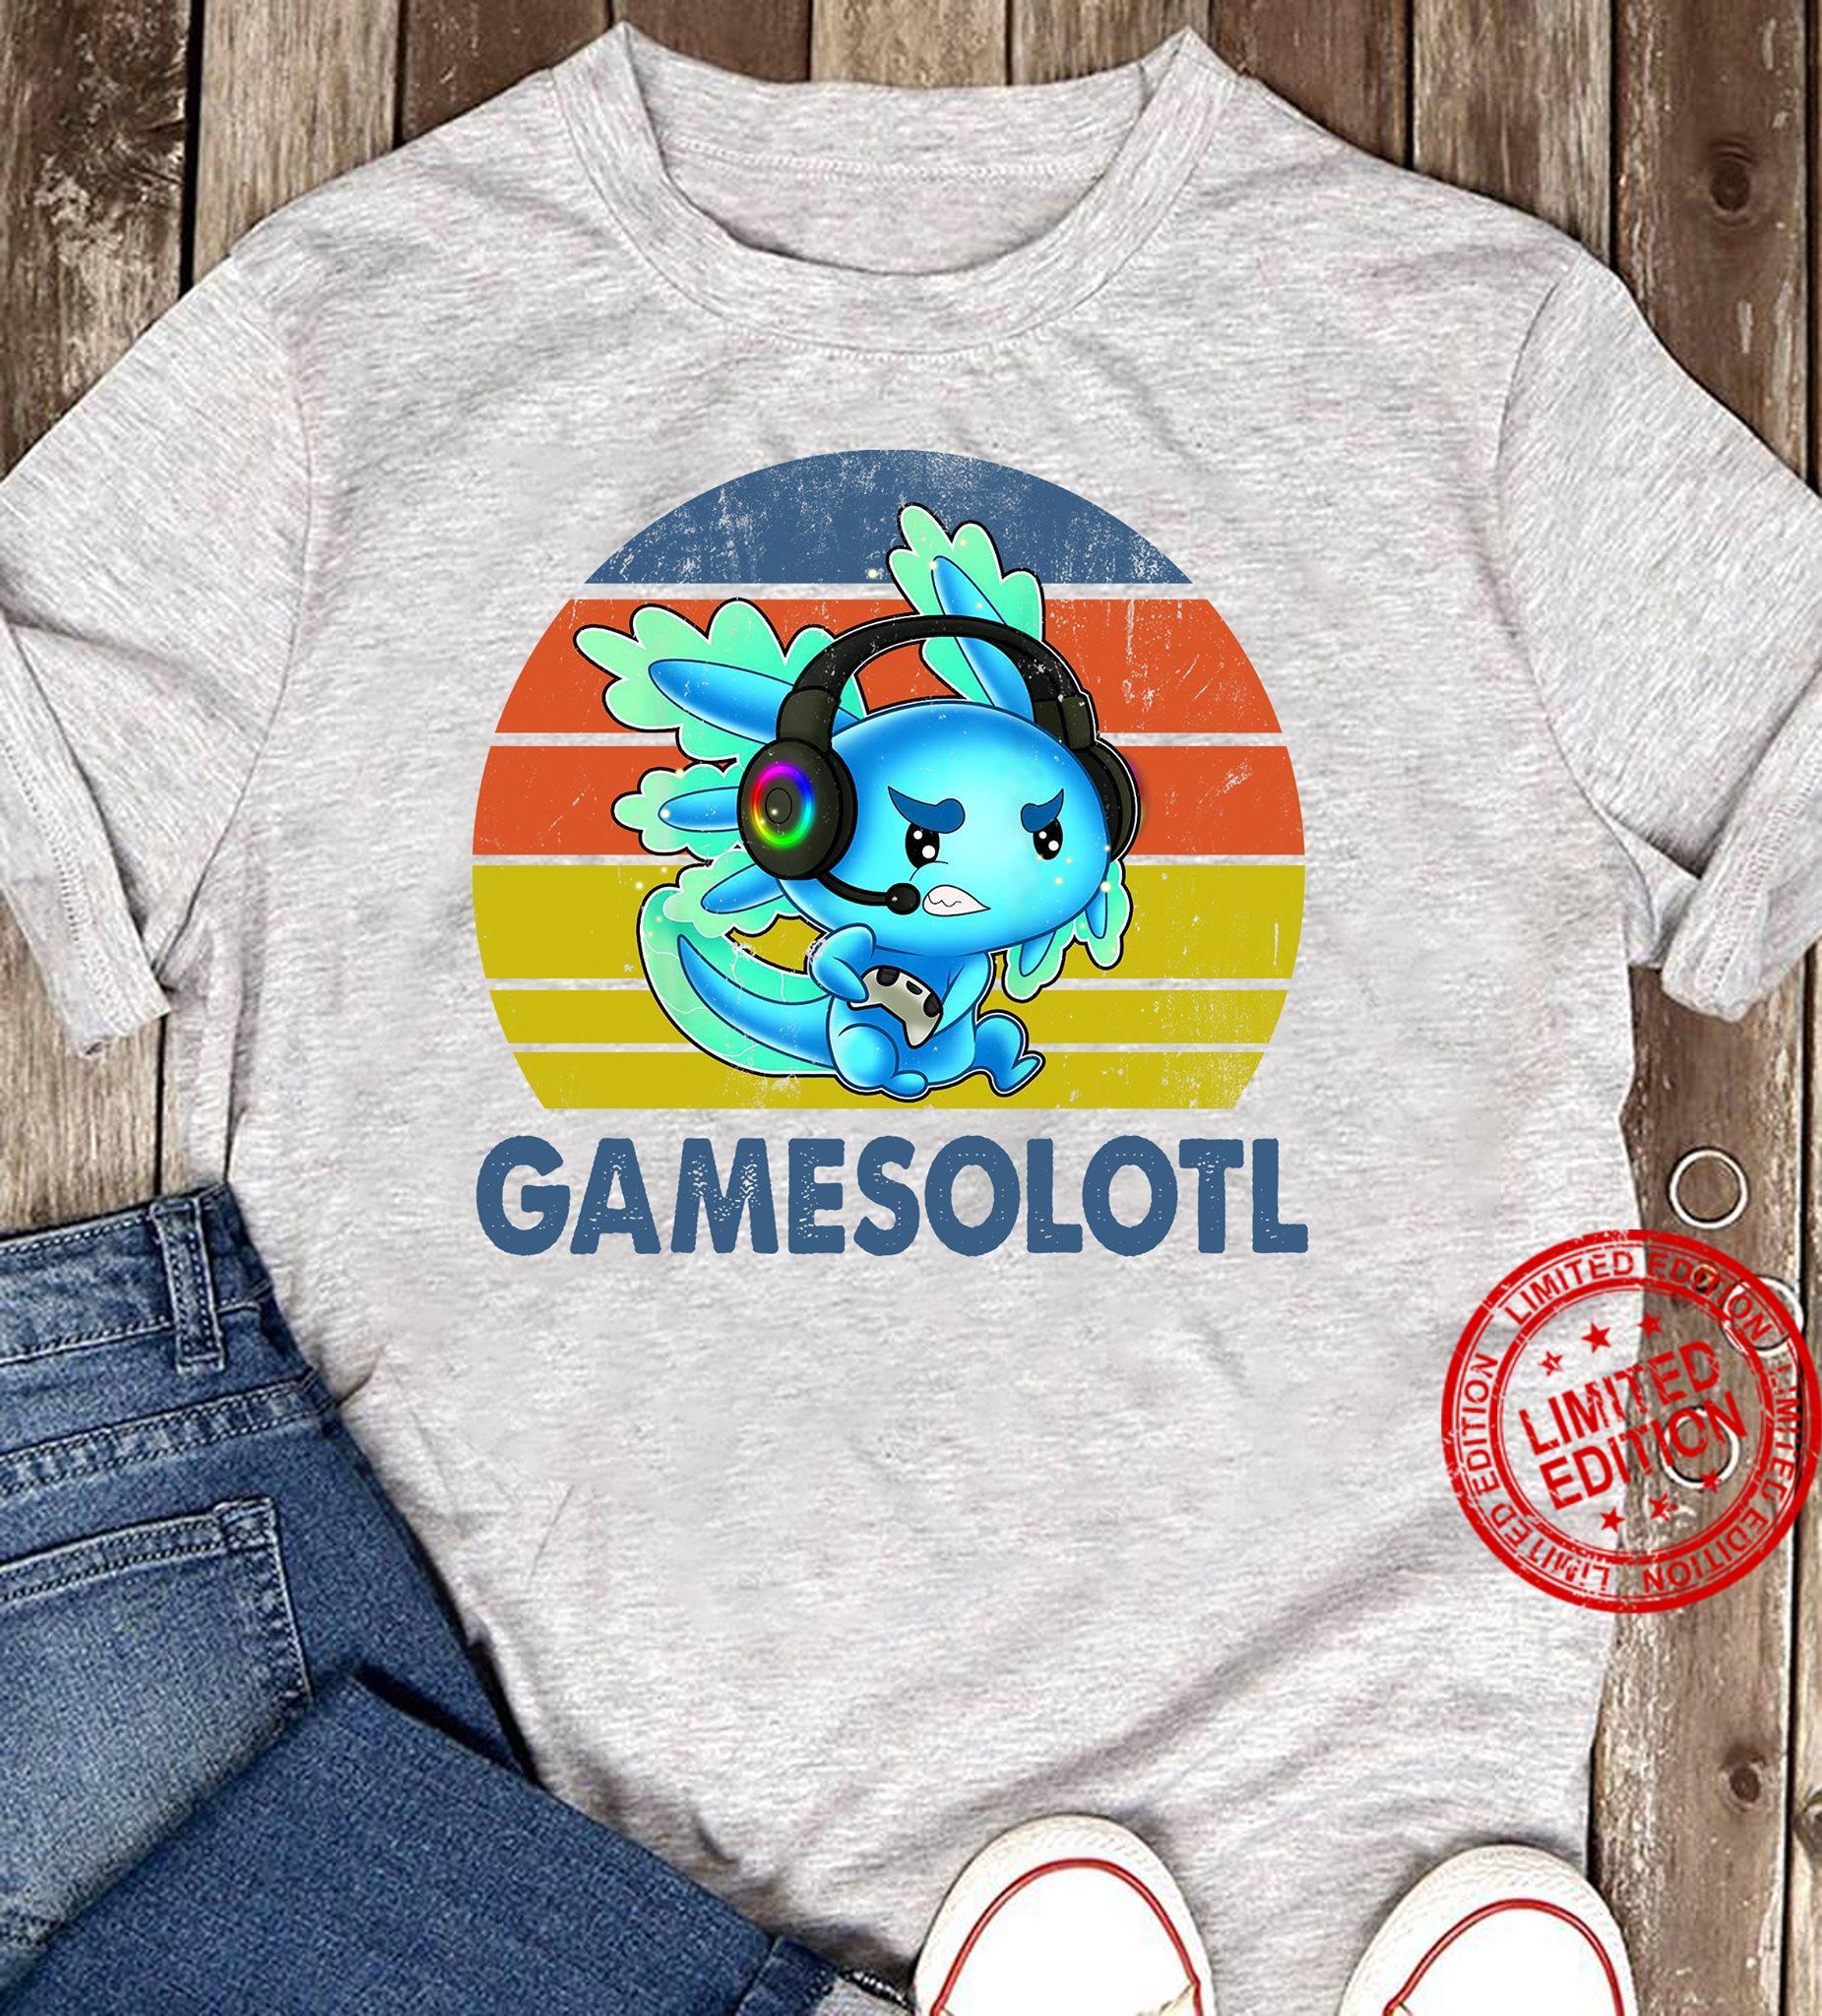 Gamesolotl T-Shirt